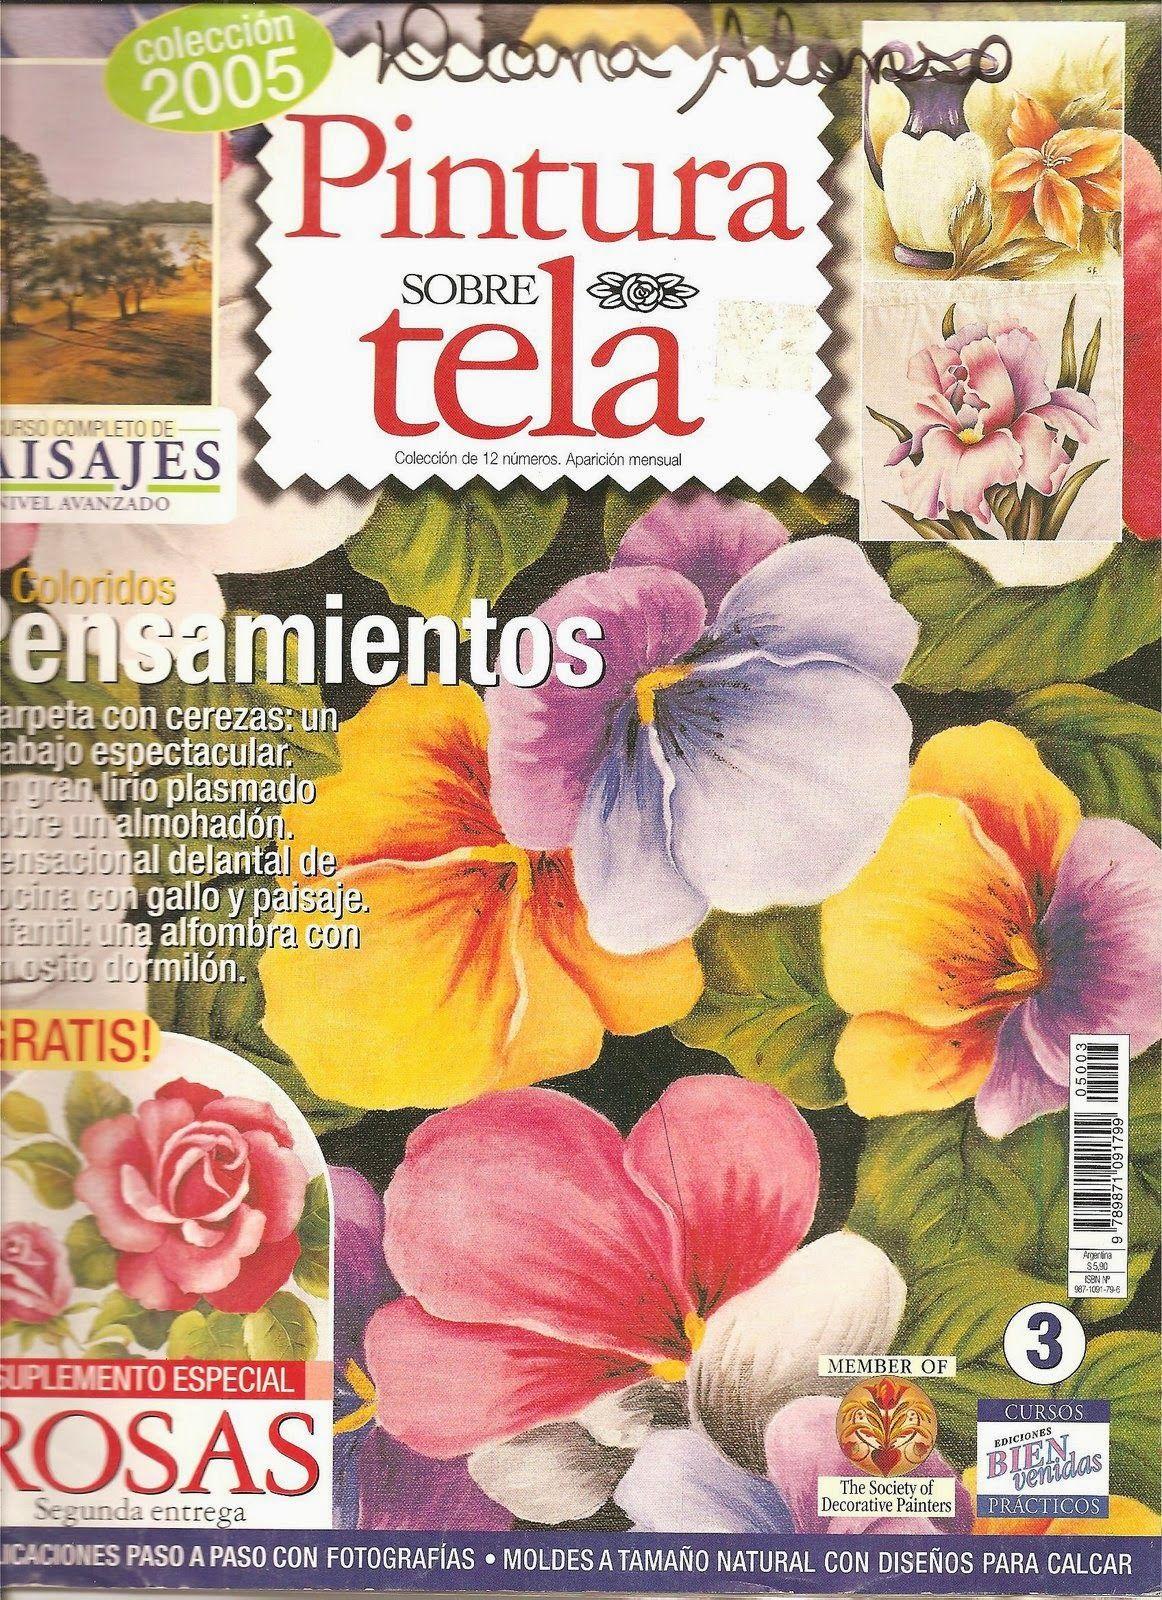 Como pintar sobre tela paso a paso revistas de manualidades gratis magazine pinterest - Como pintar sobre tela ...